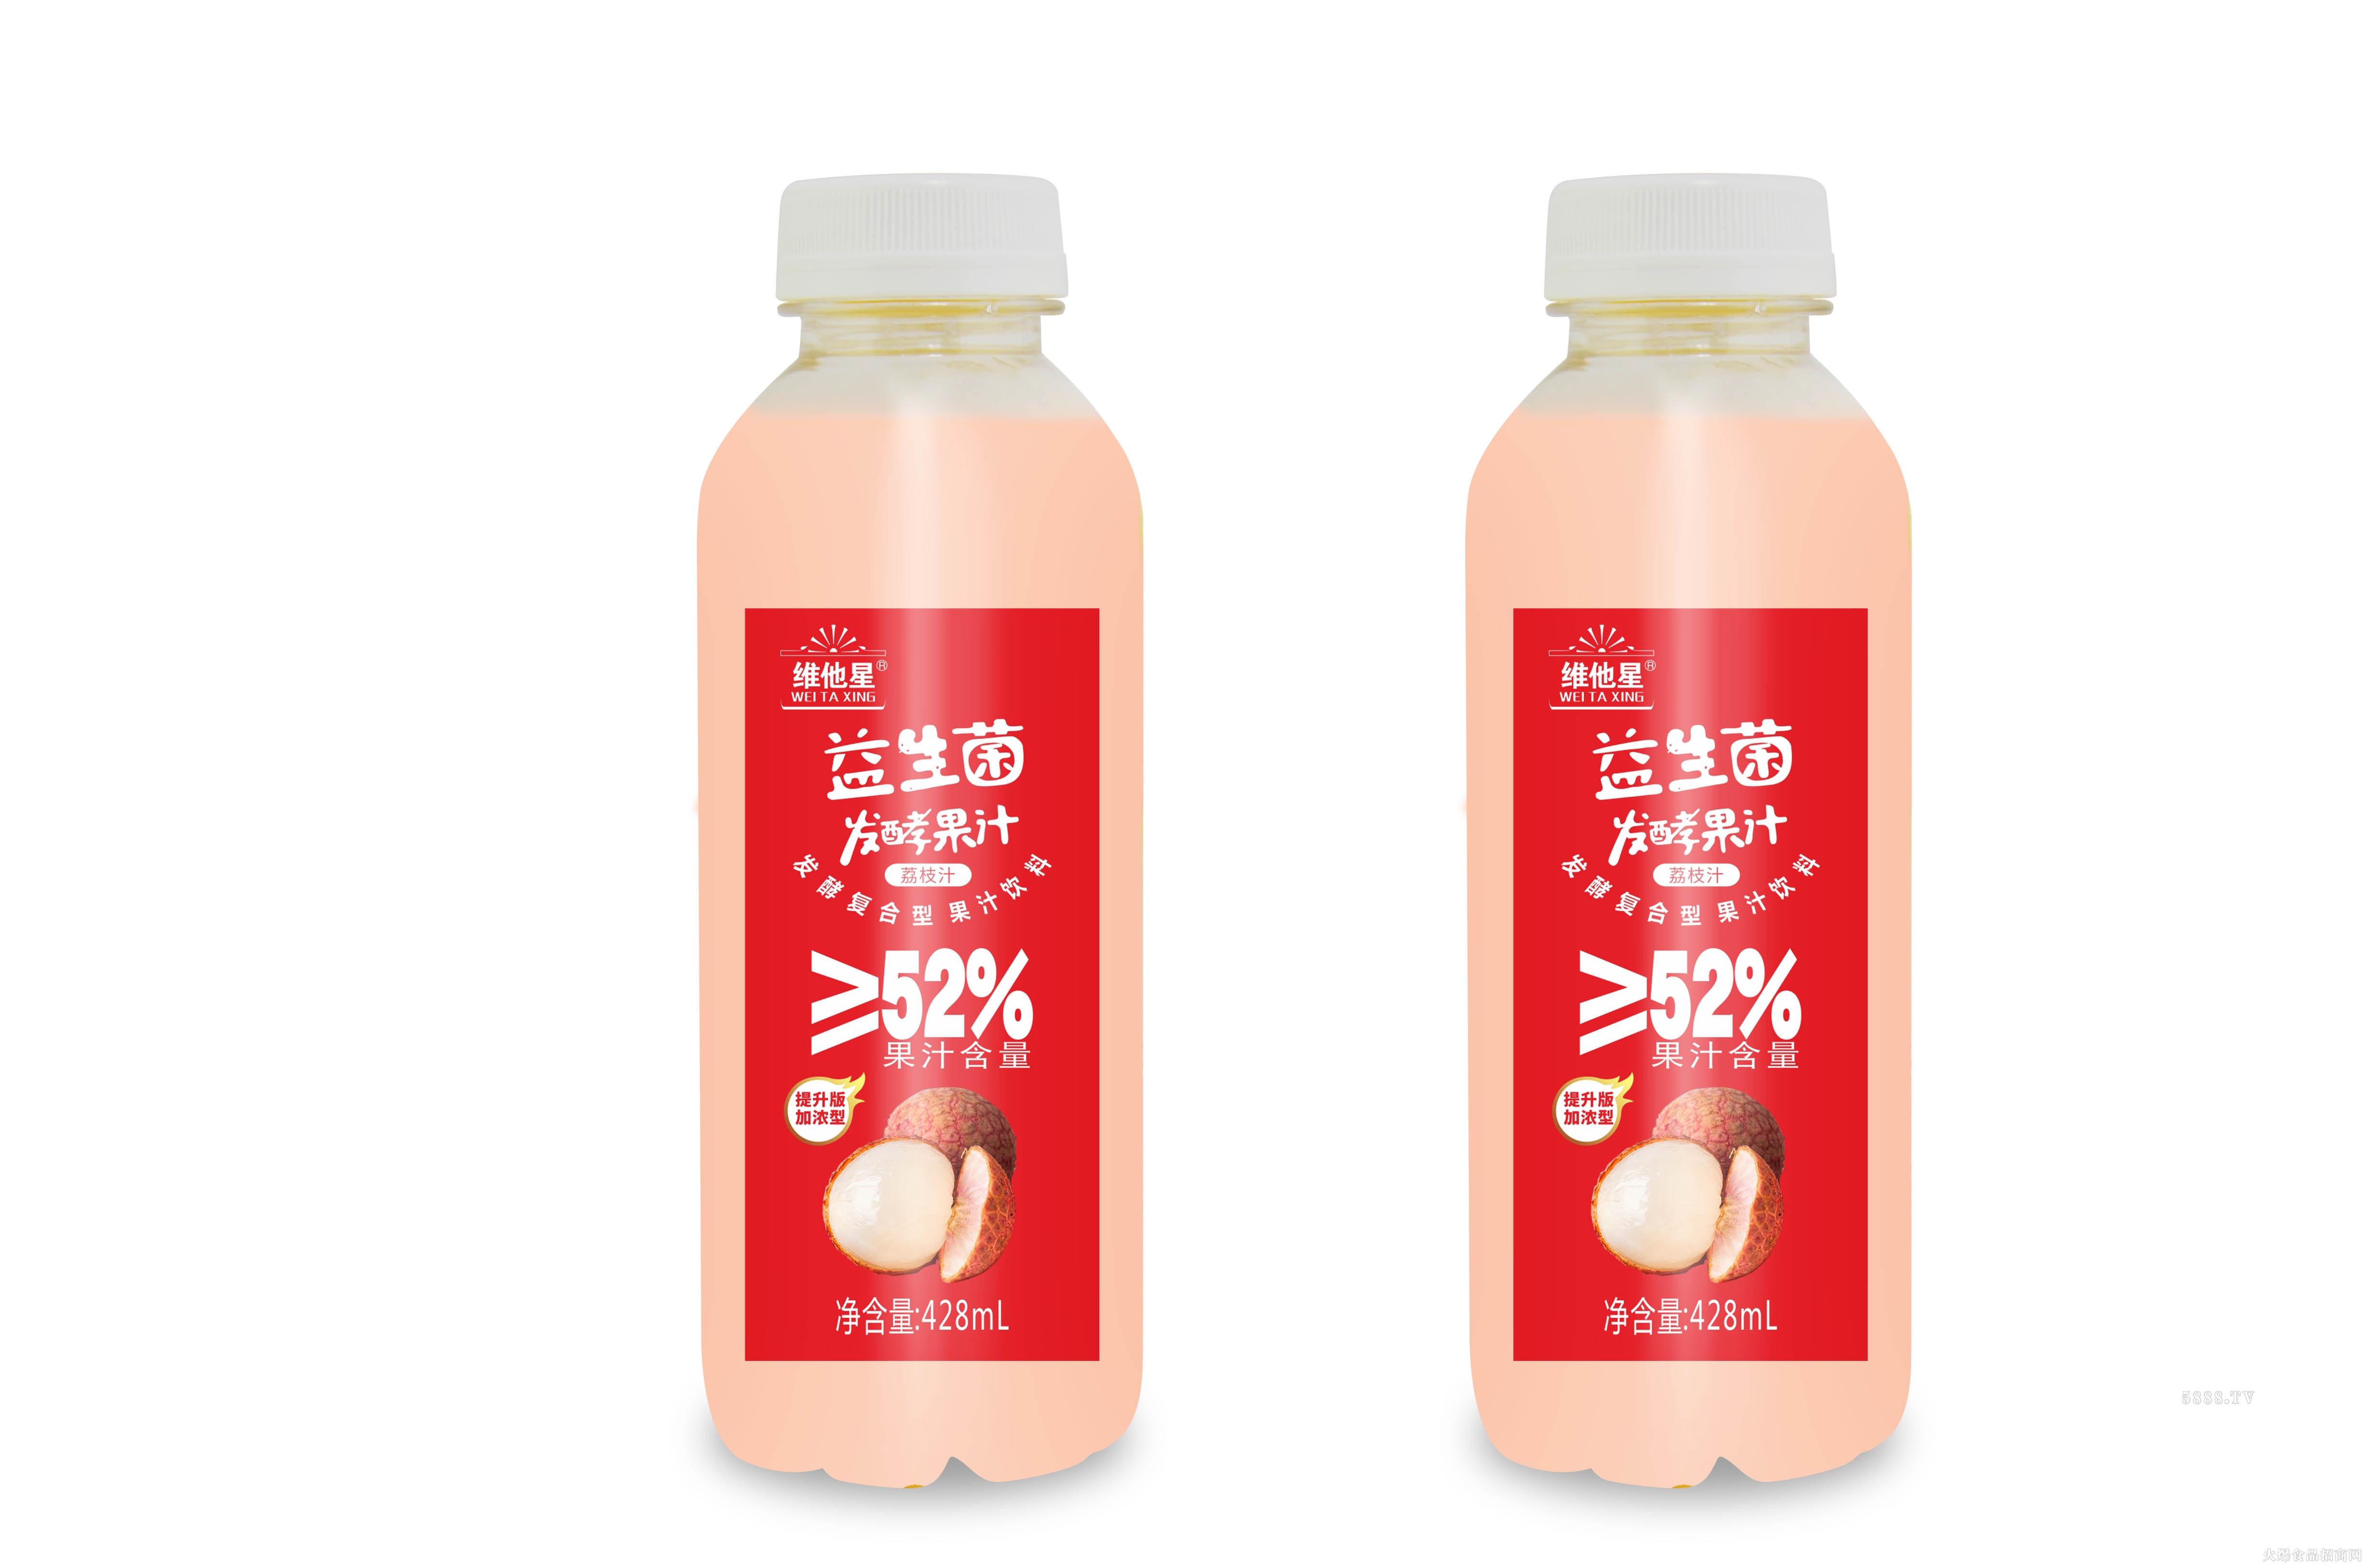 维他星发酵果汁荔枝味428ml